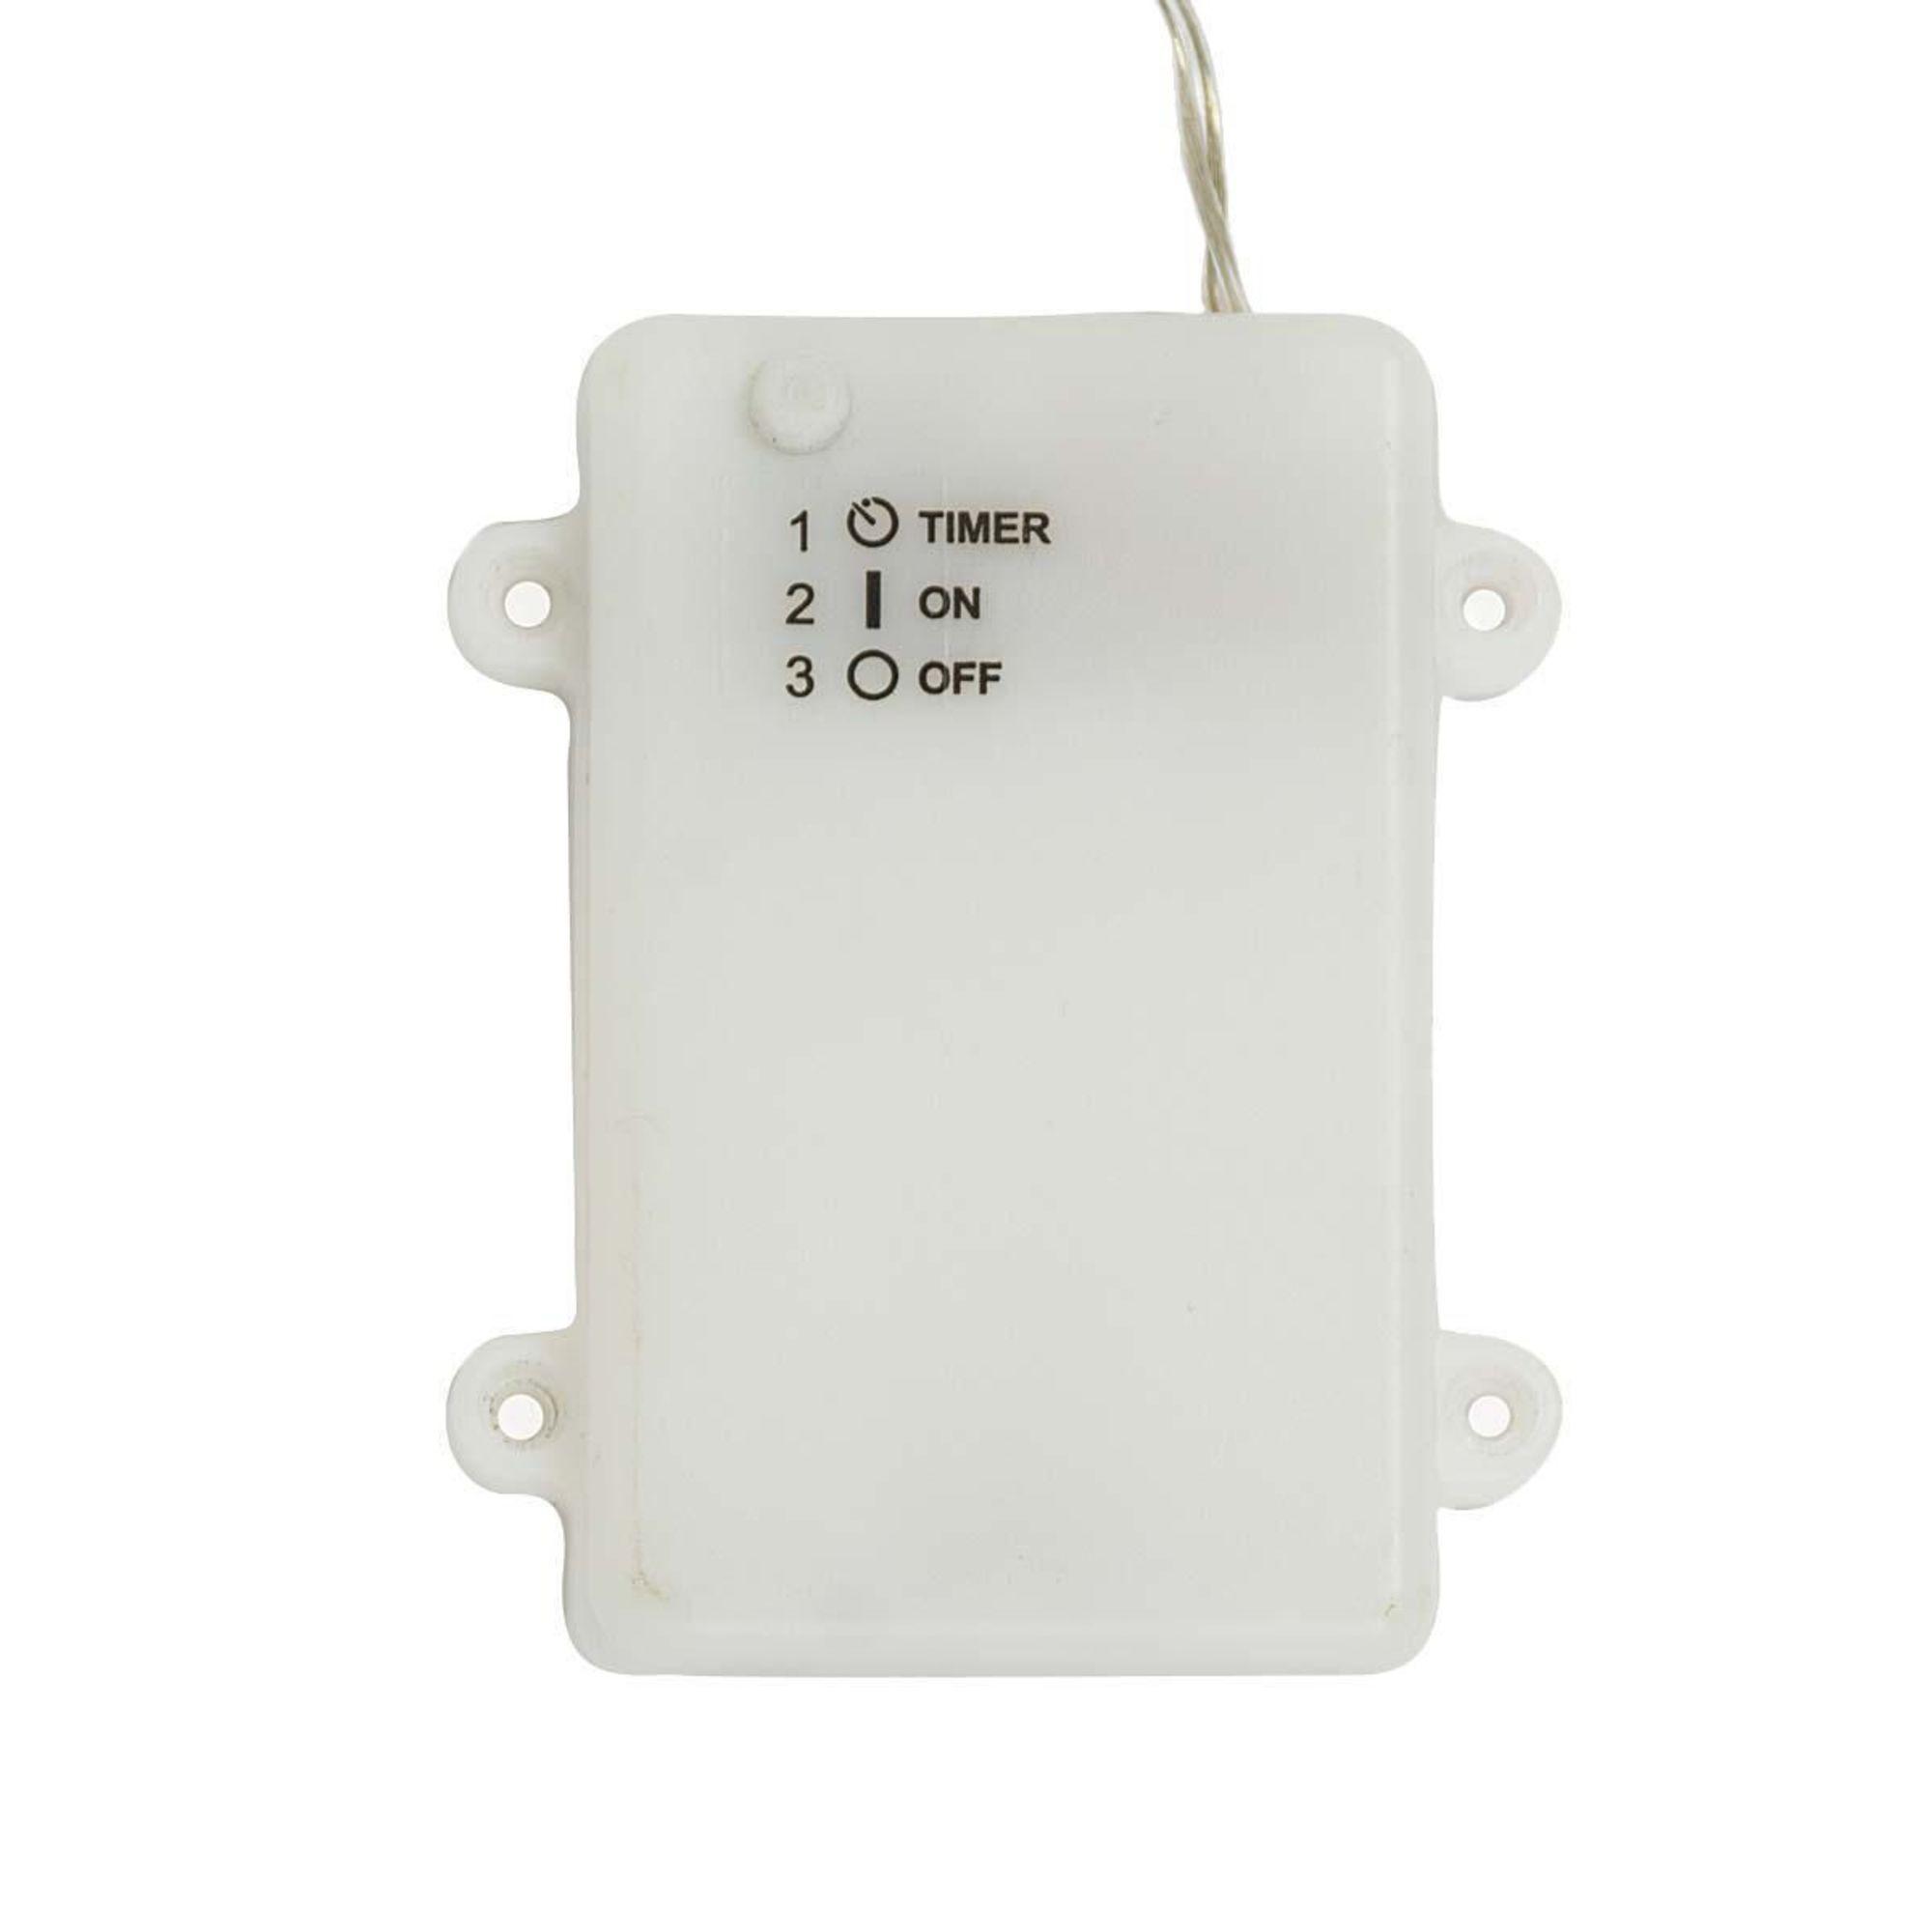 led-lichterkette-mit-zeitschaltuhr Wunderschöne Lichterkette Mit Batterie Und Zeitschaltuhr Dekorationen